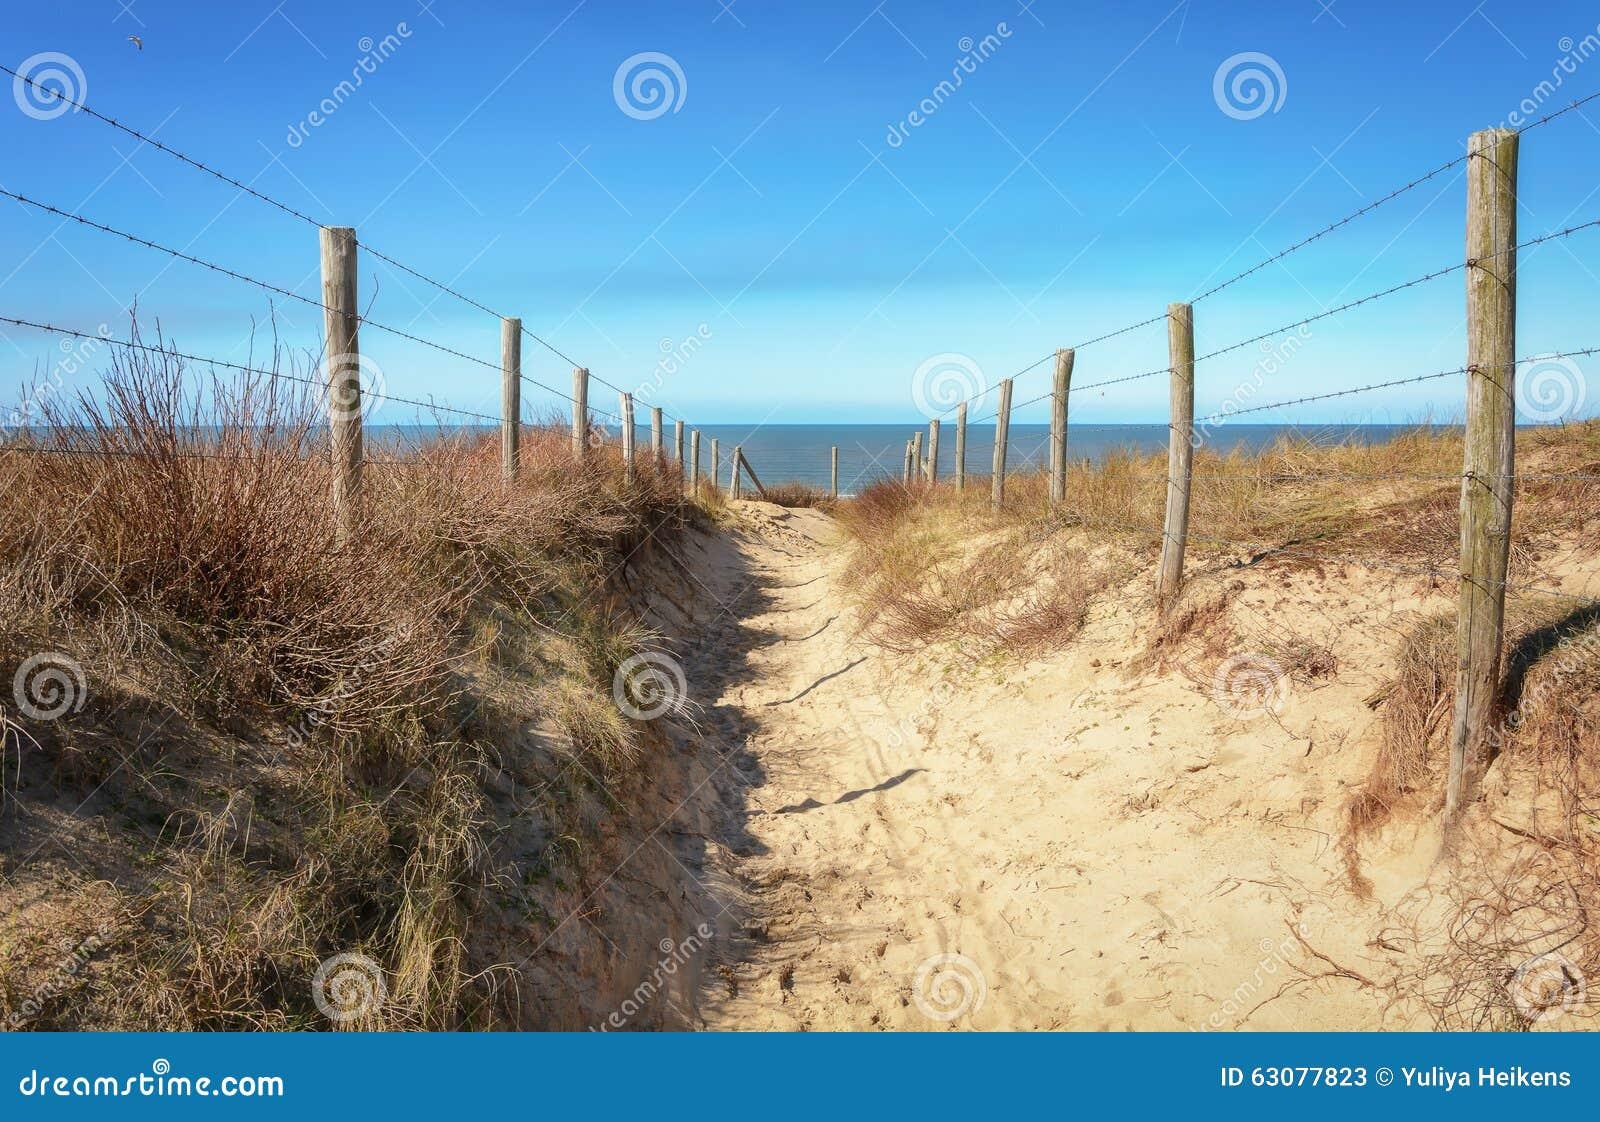 Download Le chemin vers la mer image stock. Image du ciel, repères - 63077823